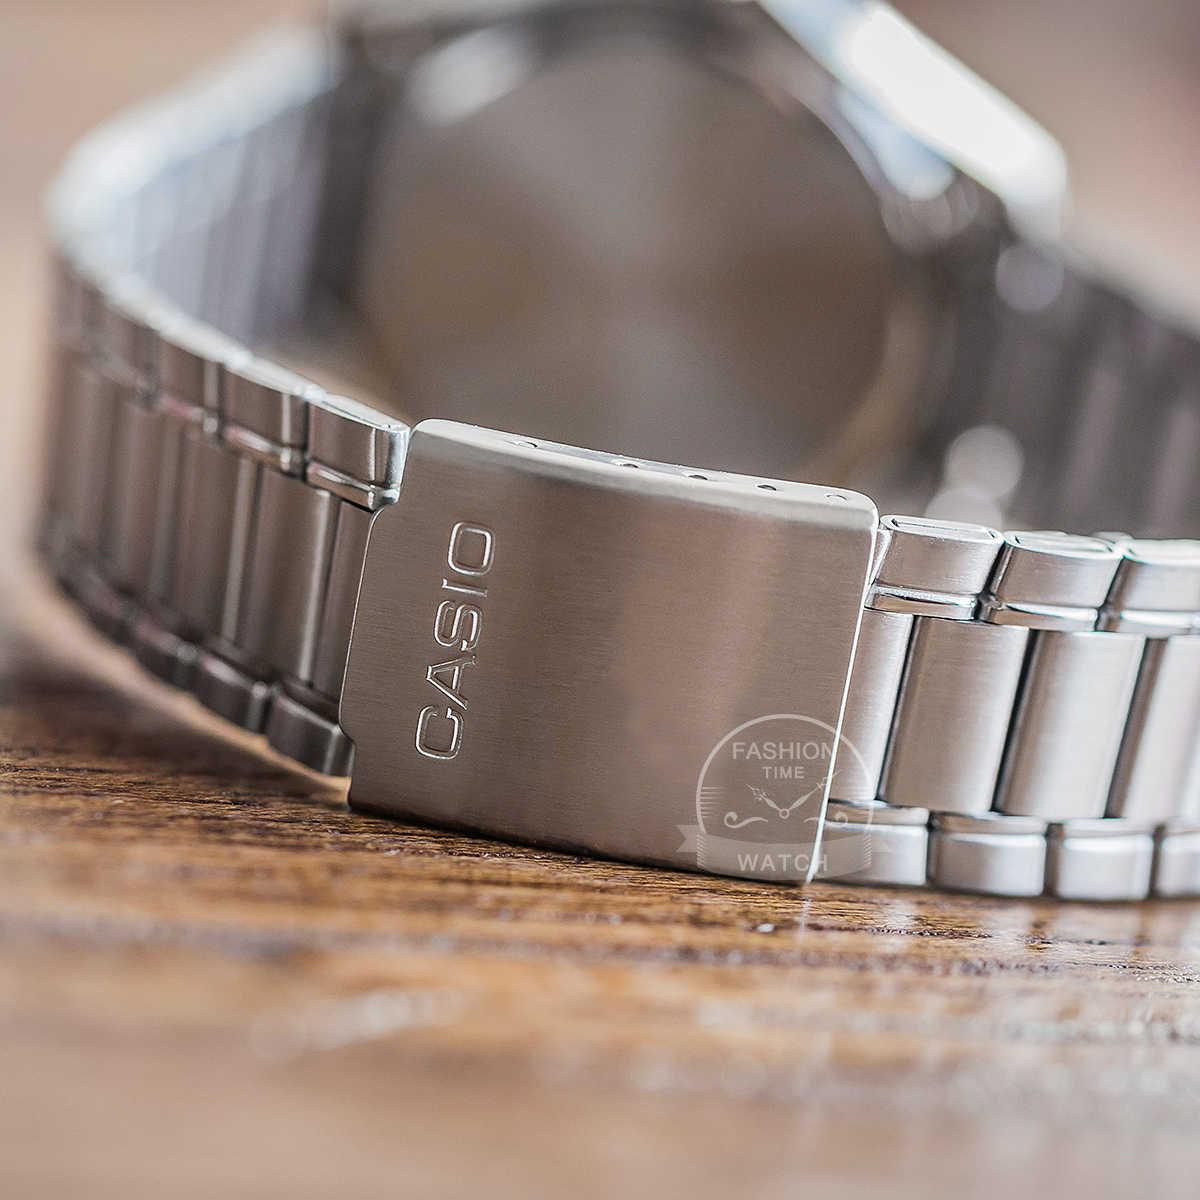 Casio montre-bracelet hommes top marque de luxe montre à quartz étanche Horloge hommes montre Sport militaire Montre relogio masculino reloj hombre erkek kol saati zegarek meski MTP-1183